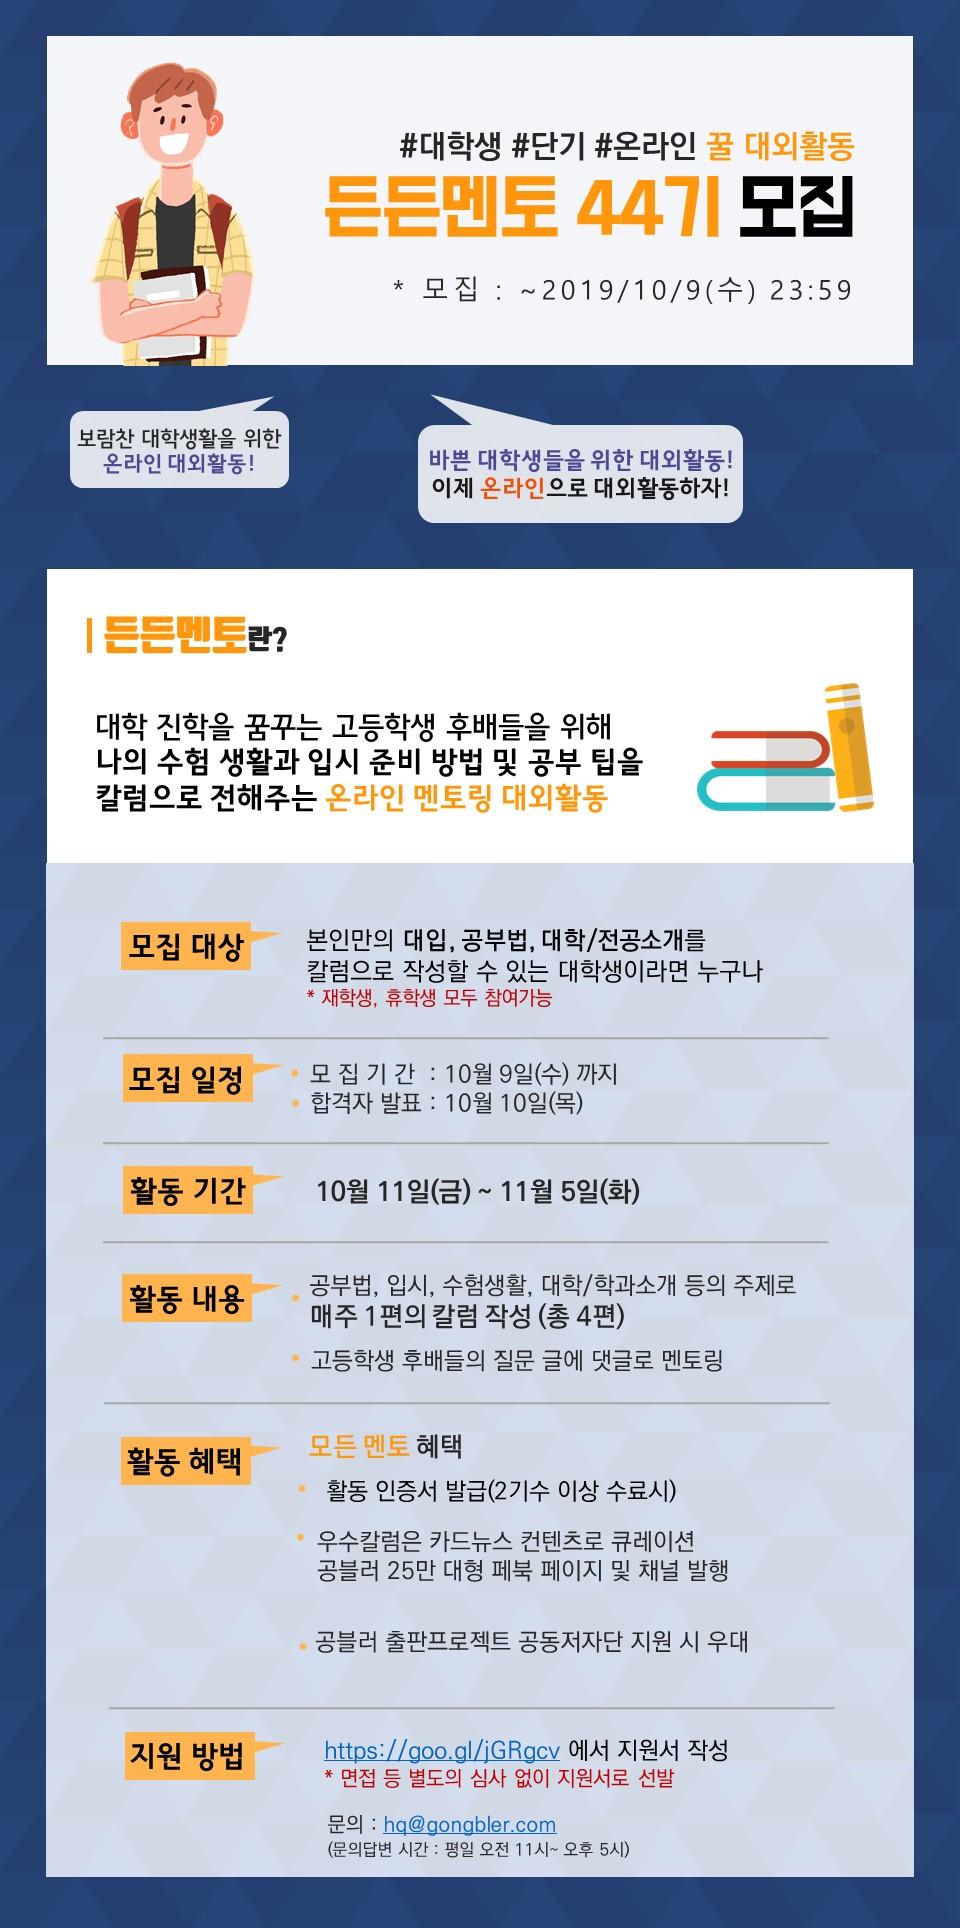 [공블러] 단기 온라인 멘토링 대외활동, 든든멘토 44기 모집(~10/9)